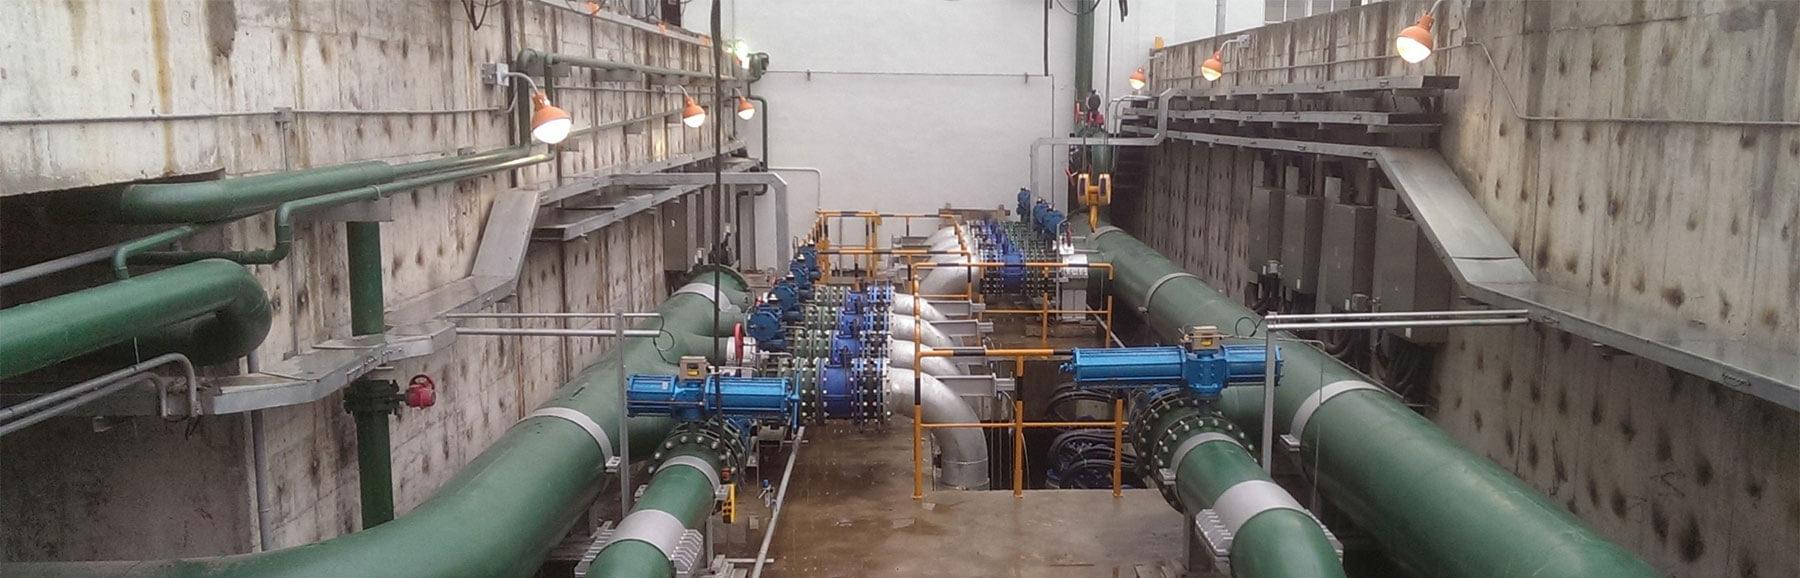 Kuehlwasserkreislauf-Tauchpumpen